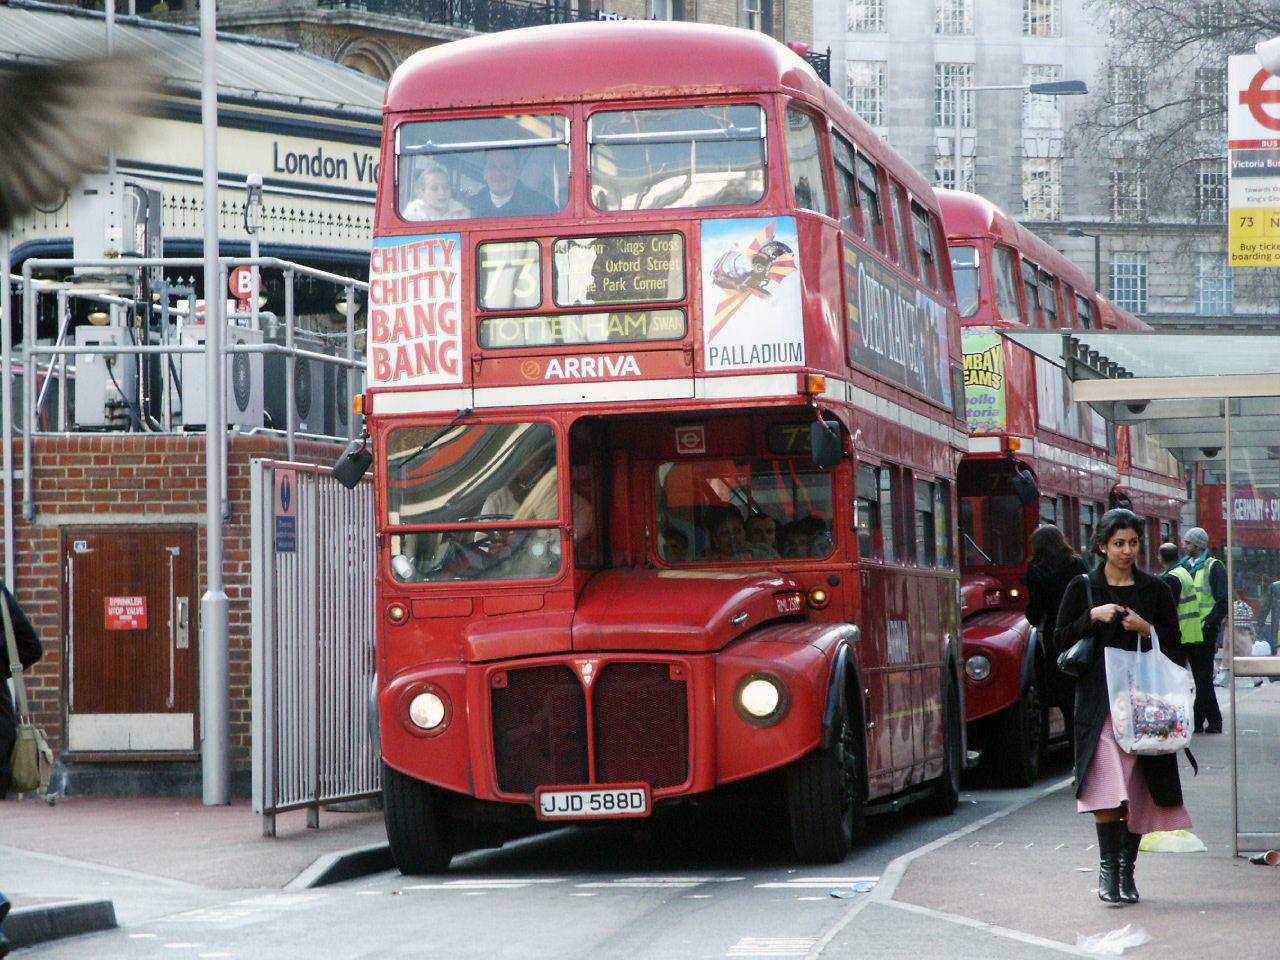 Bezpochyby největším provozovatelm Routemasterů byl Londýn. Z téměř 2 900 autobusů jich provozoval 2 647. (zdroj: Wikipedia.org)